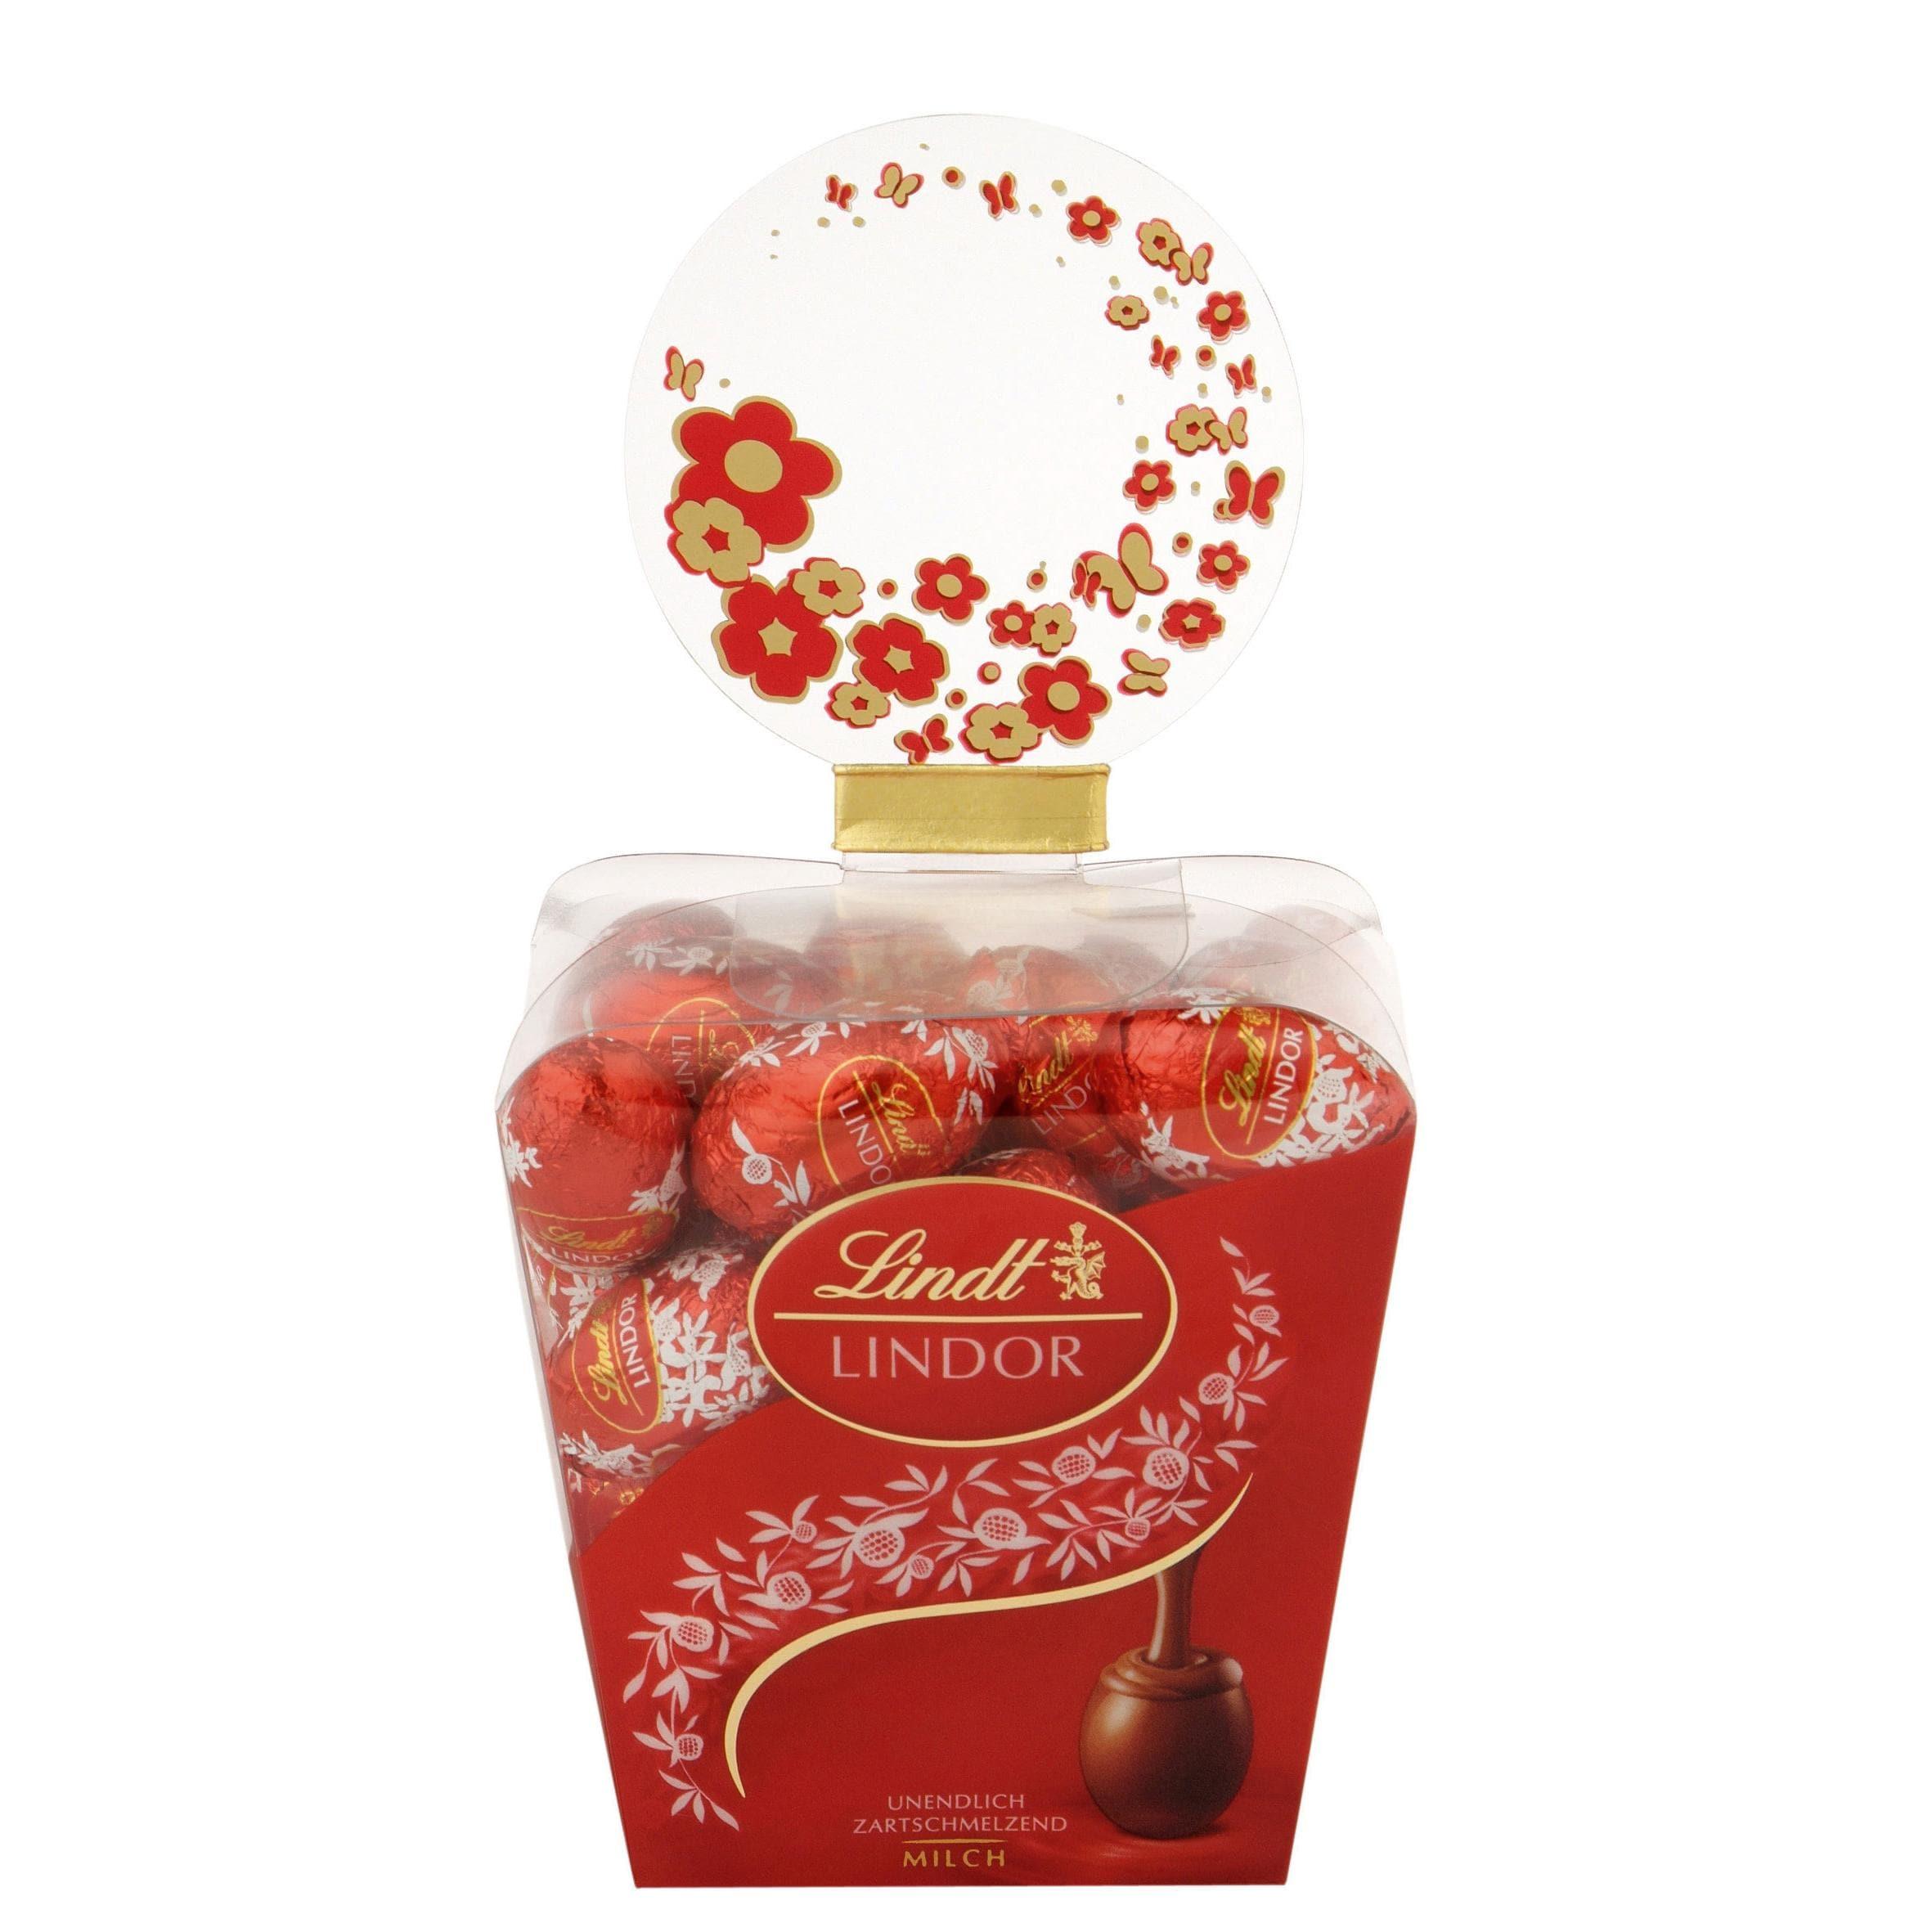 Lindt Lindor Mini-Eier Milch Schokolade 150g